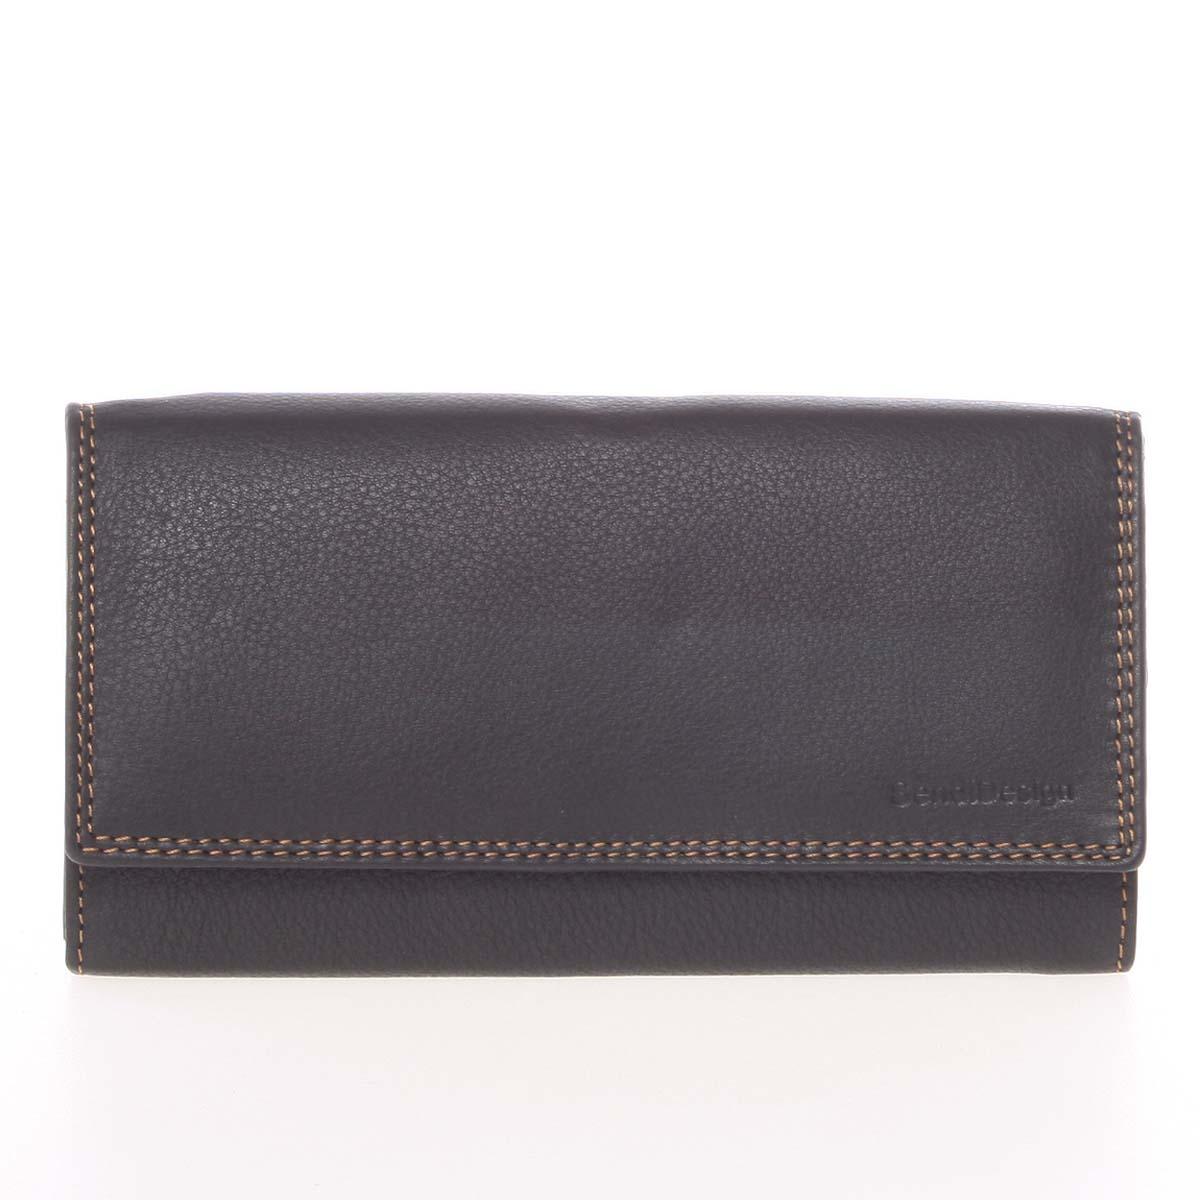 Dámska čierna kožená prešívaná peňaženka - SendiDesign Phoibe čierna